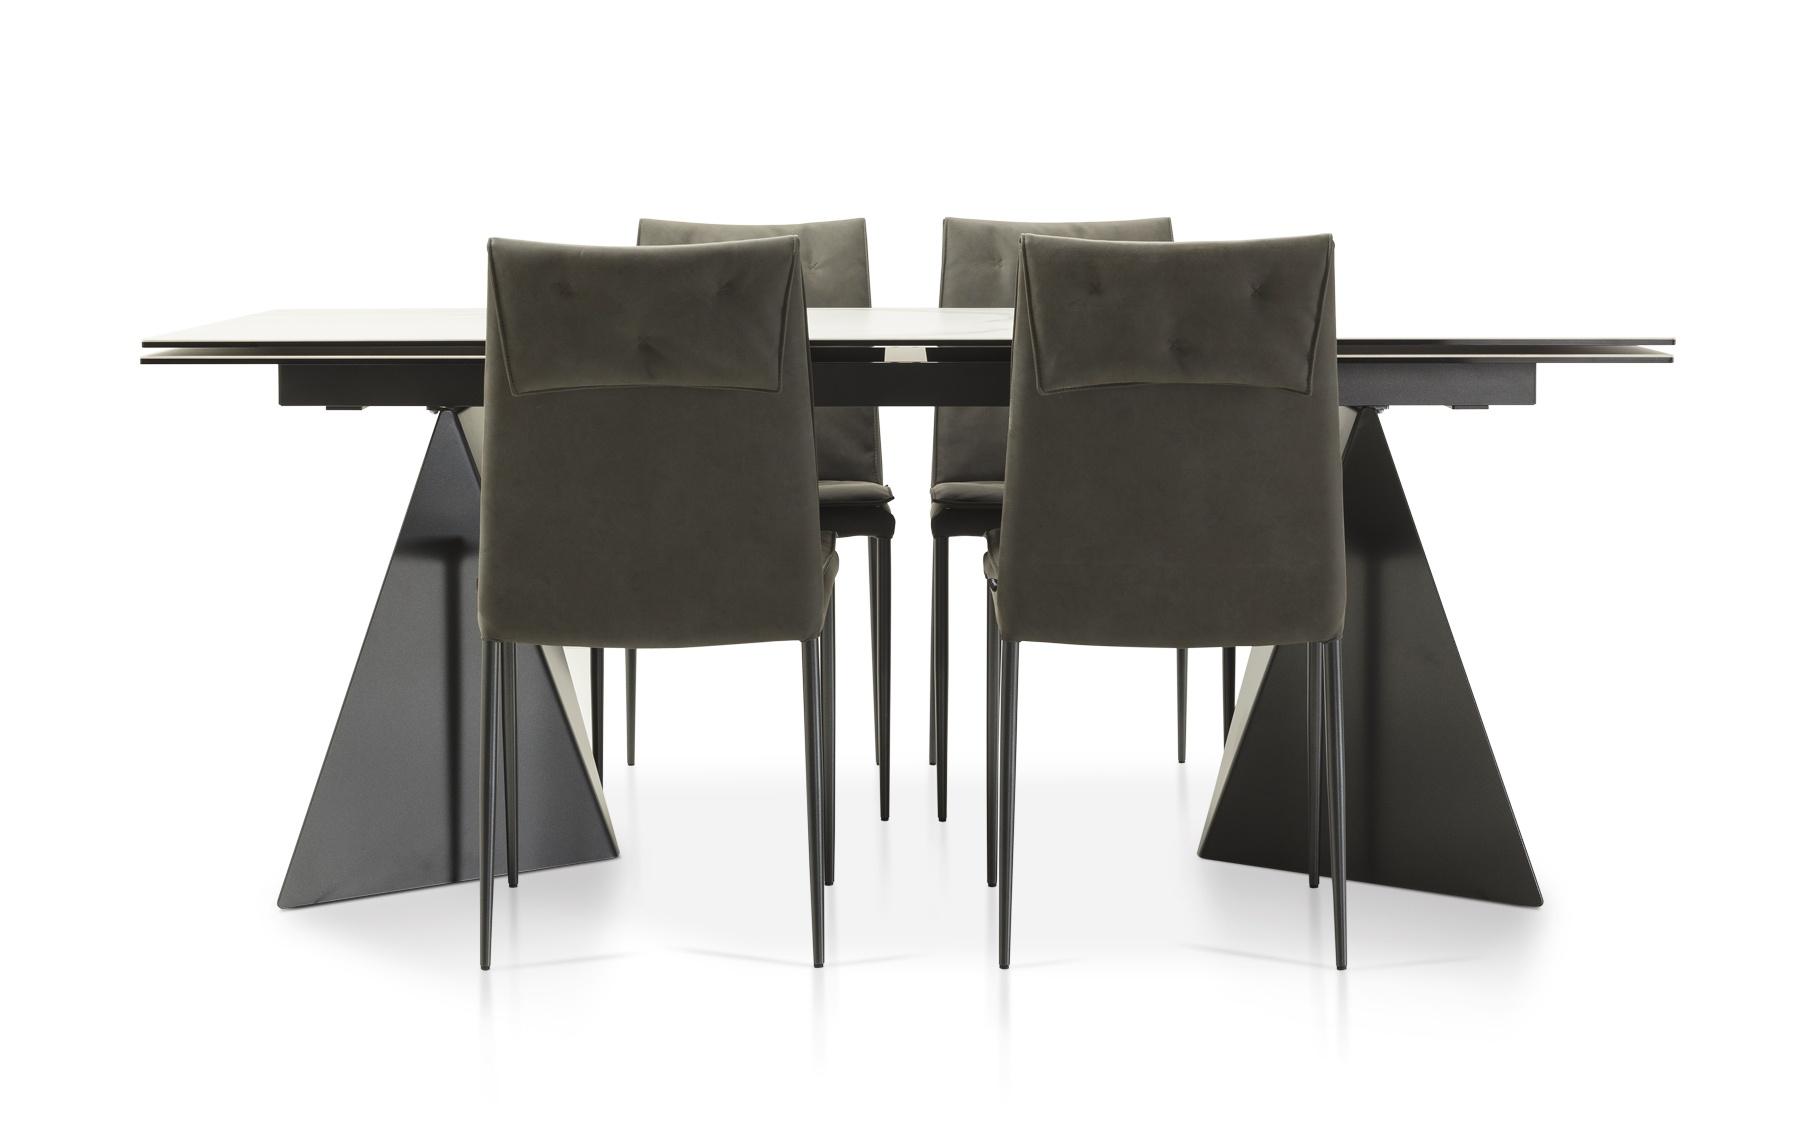 chaise co576 chaises salles manger la galerie du meuble. Black Bedroom Furniture Sets. Home Design Ideas